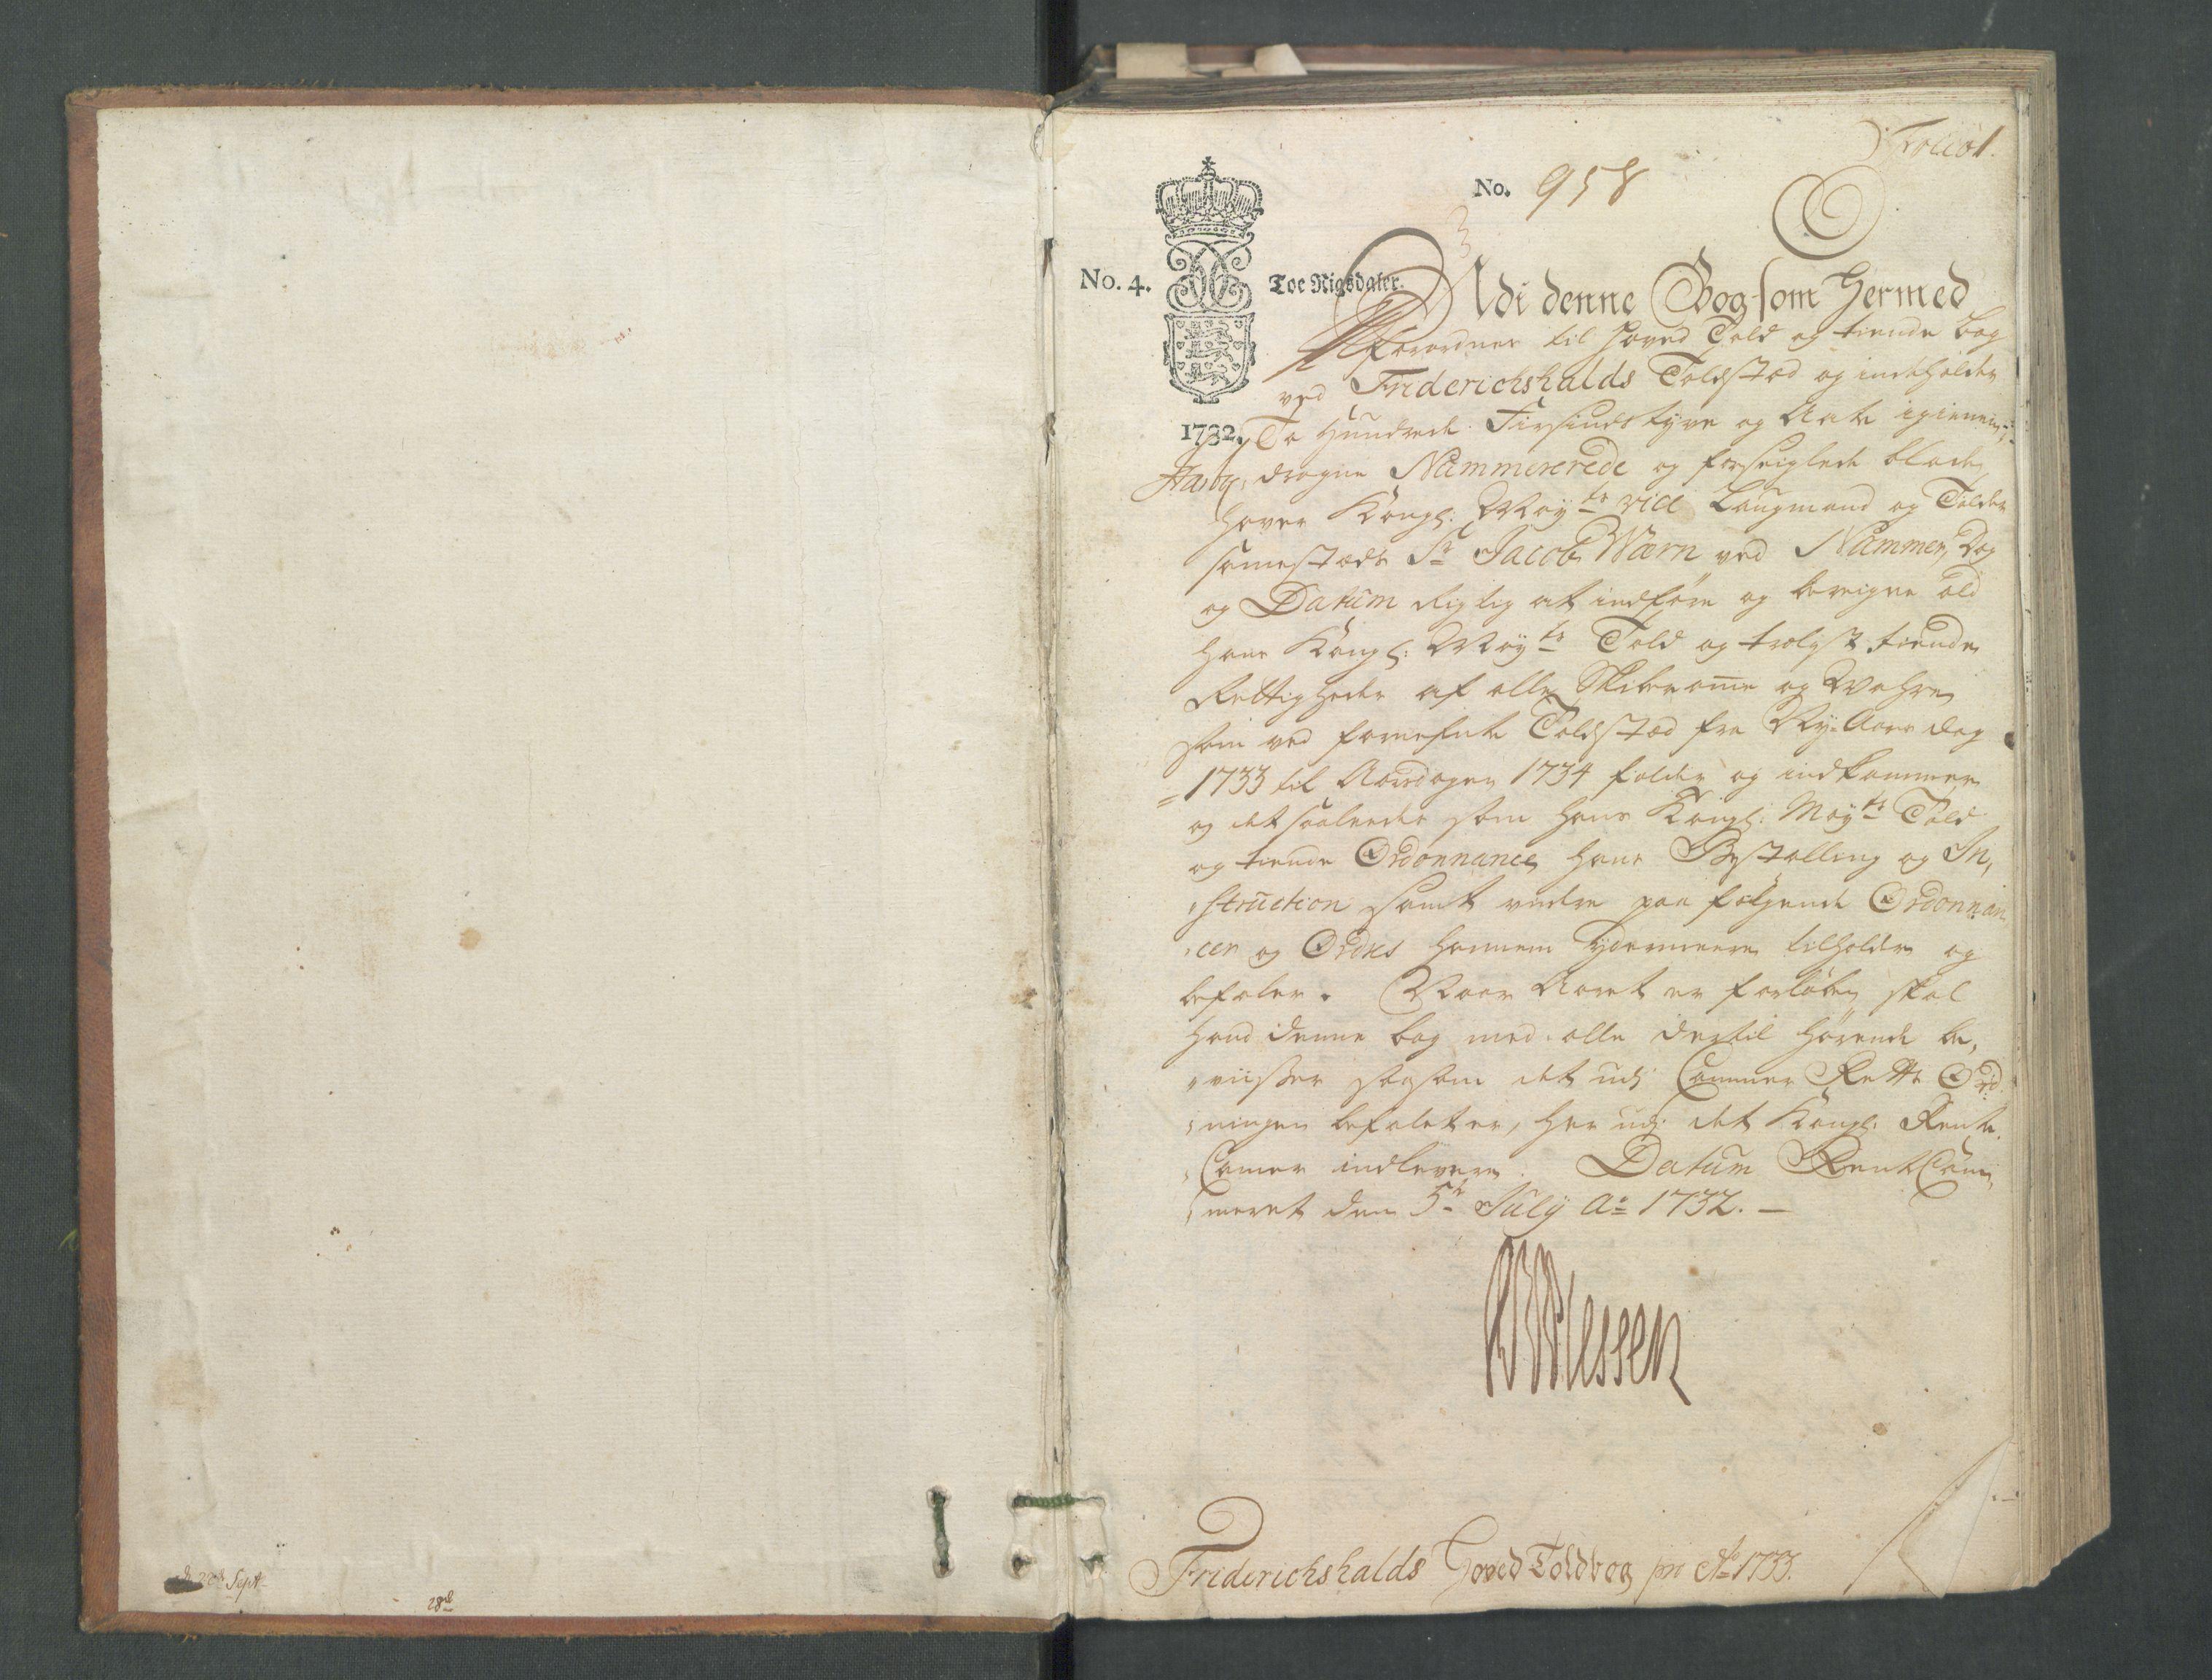 RA, Generaltollkammeret, tollregnskaper, R01/L0008: Tollregnskaper Fredrikshald, 1733, p. 1a